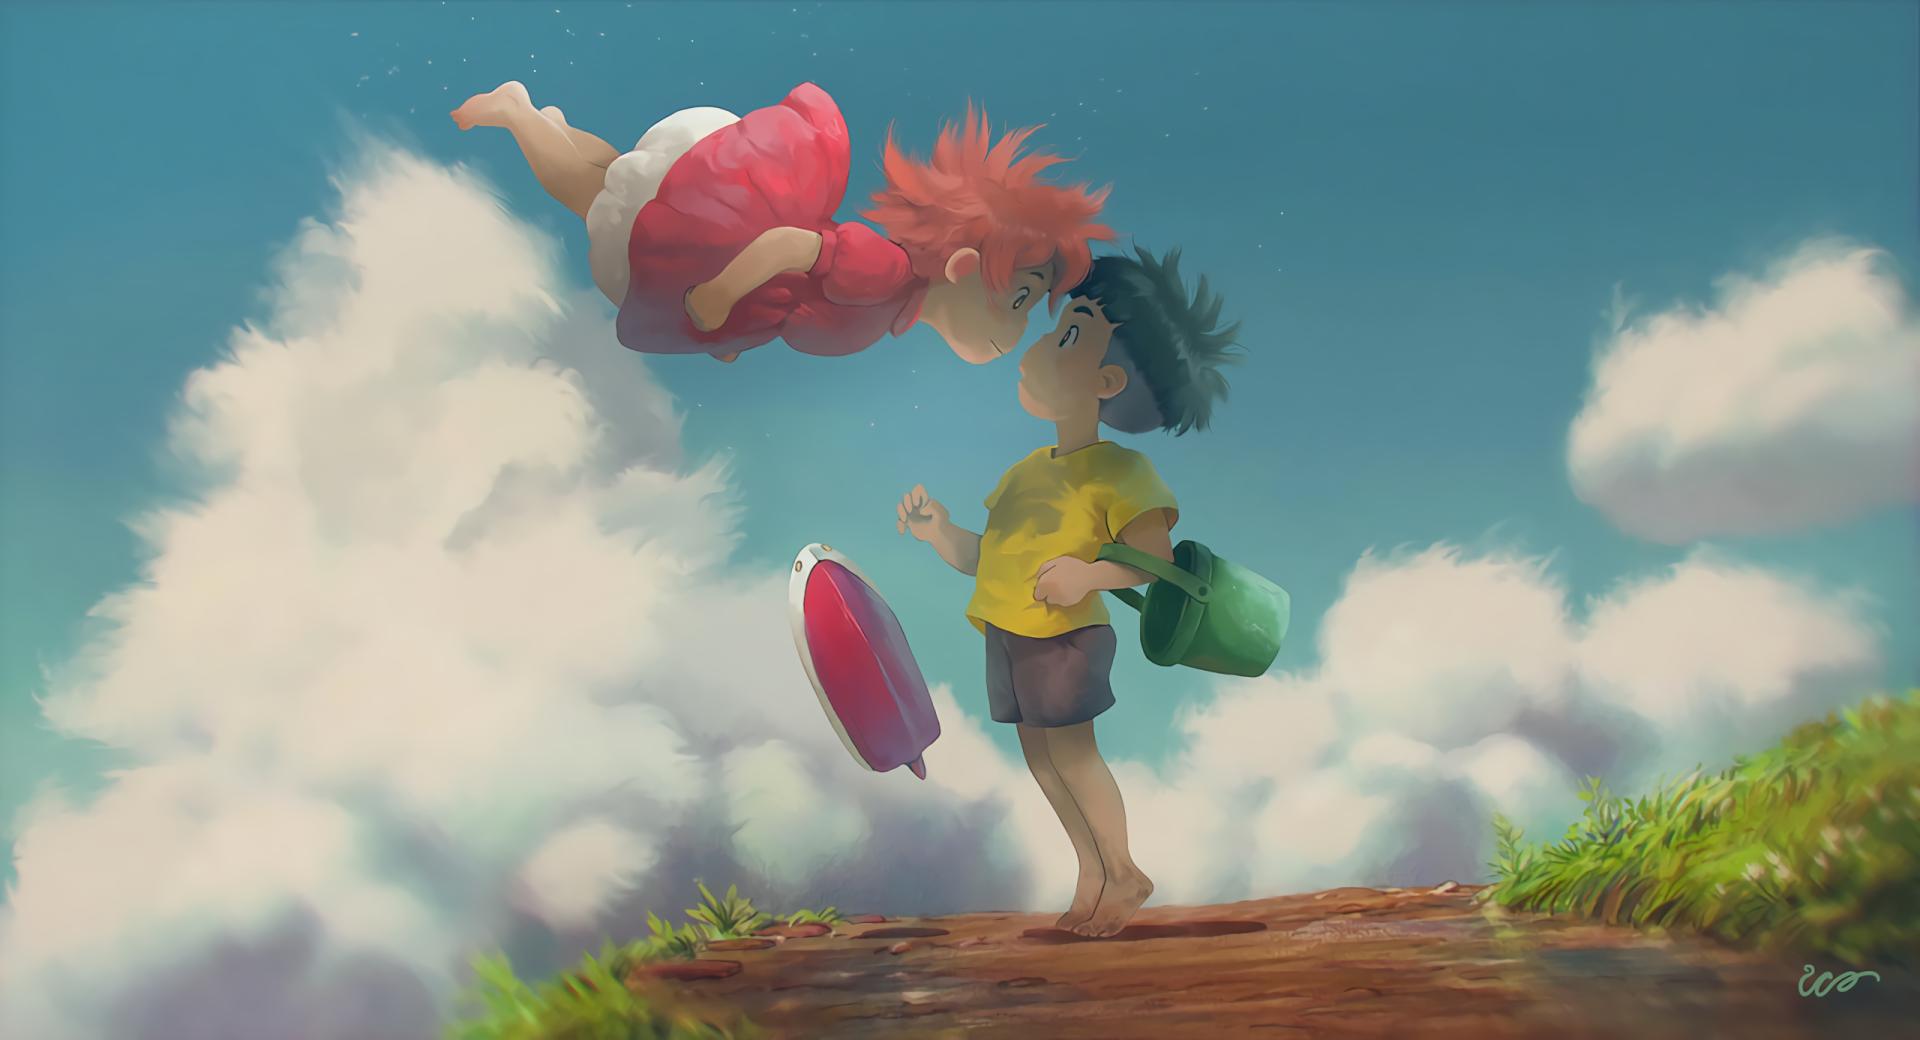 Movie Ponyo Studio Ghibli Sosuke Ponyo Wallpaper Ghibli Art Studio Ghibli Ponyo